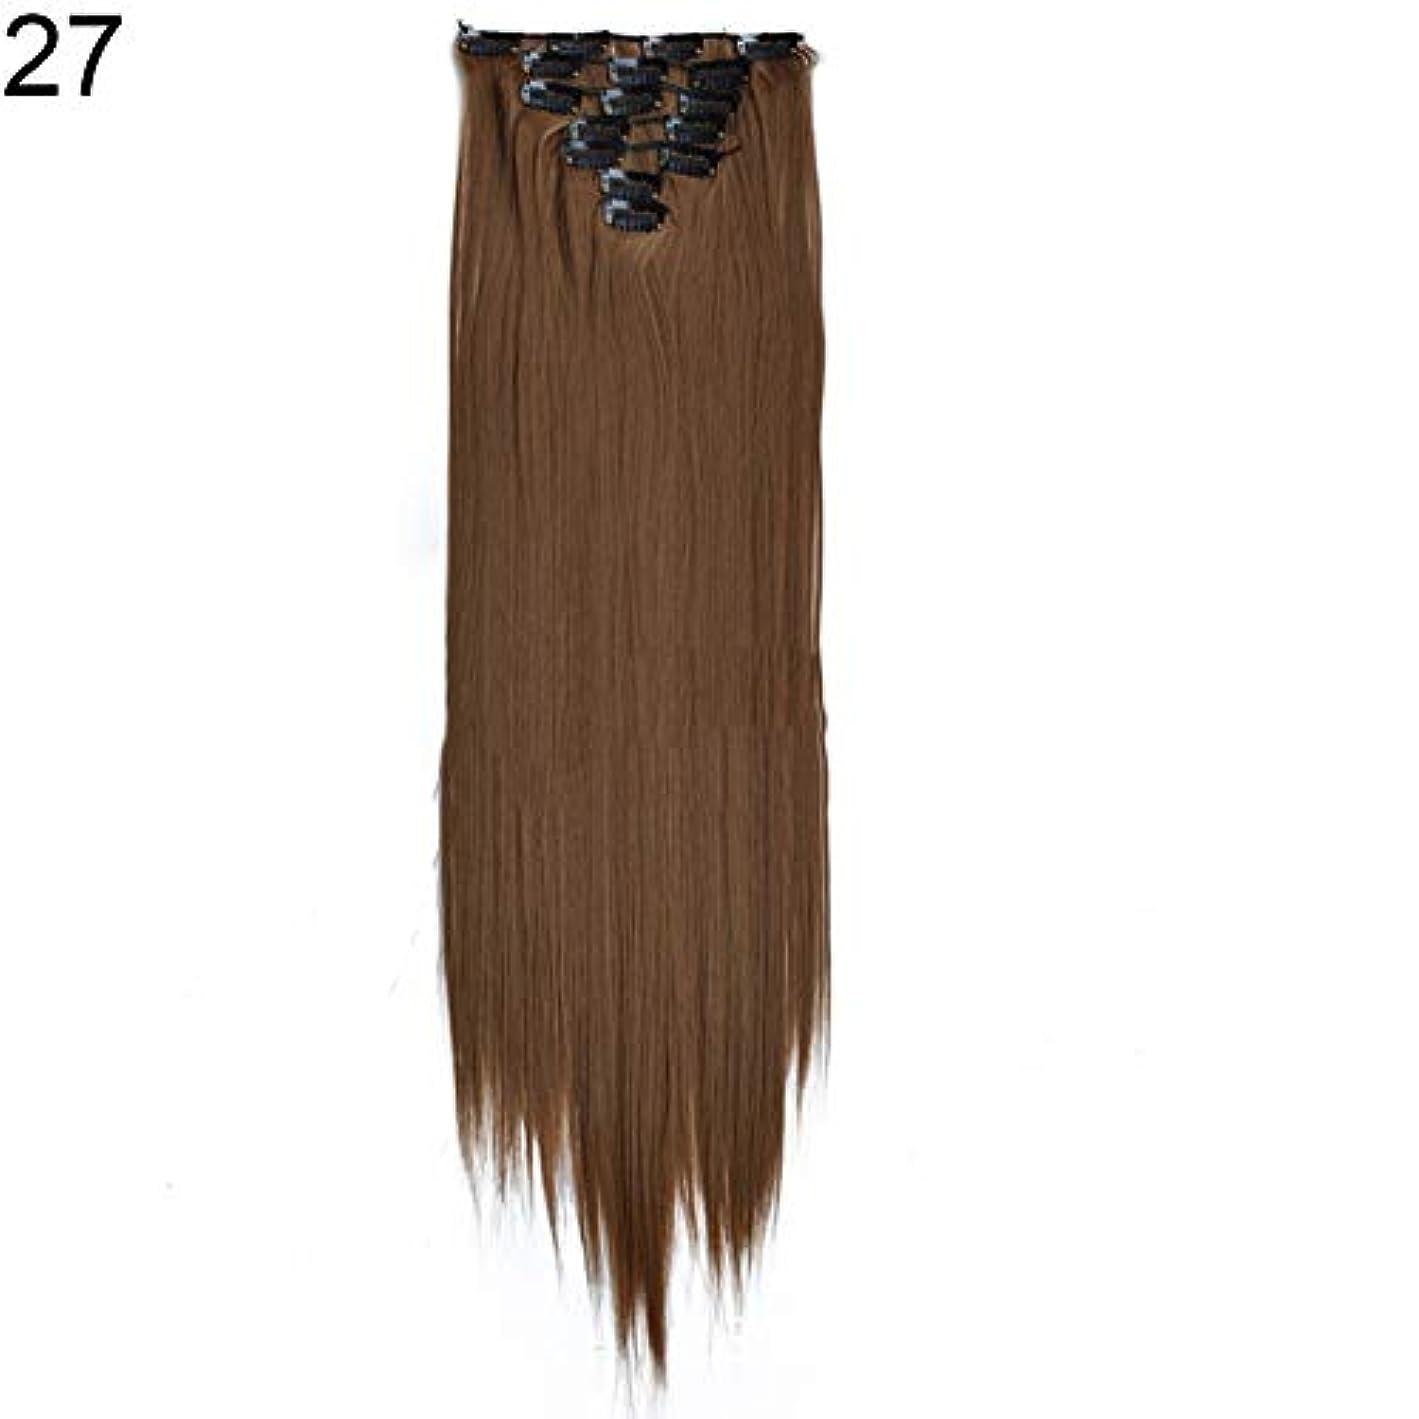 簡単な見出しリマslQinjiansav女性ウィッグ修復ツール7Pcsファッション女性グラデーションカラーヘアエクステンションロングストレートウィッグヘアピース